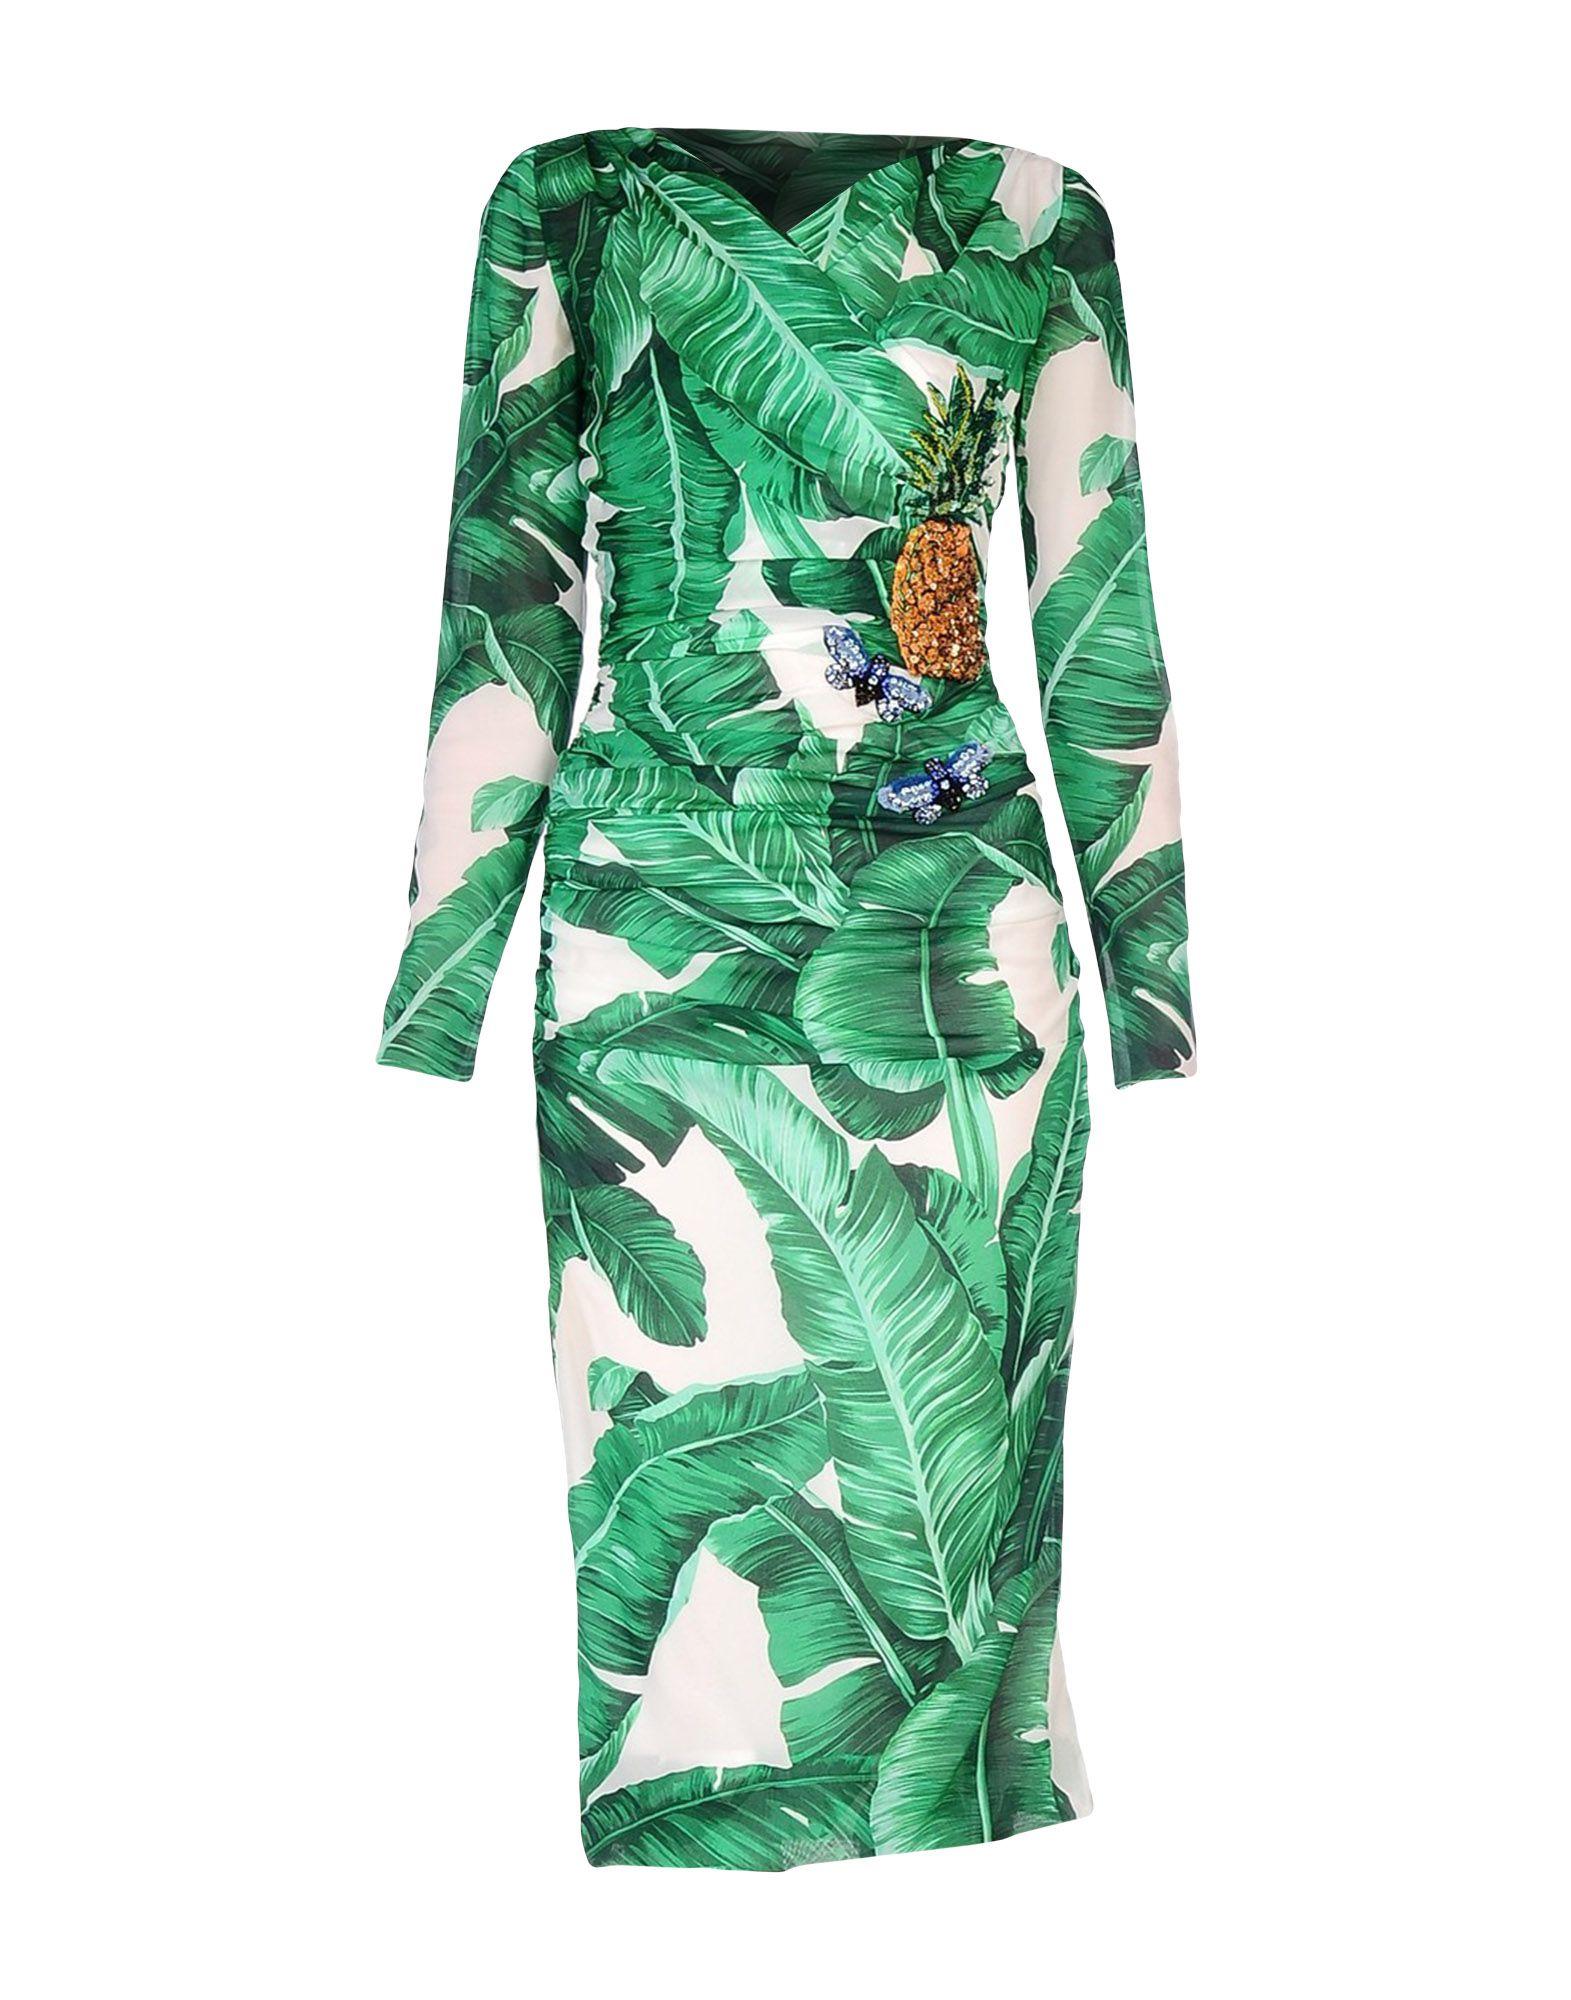 dolce and gabbana платье от gabbana 87443 DOLCE & GABBANA Платье длиной 3/4